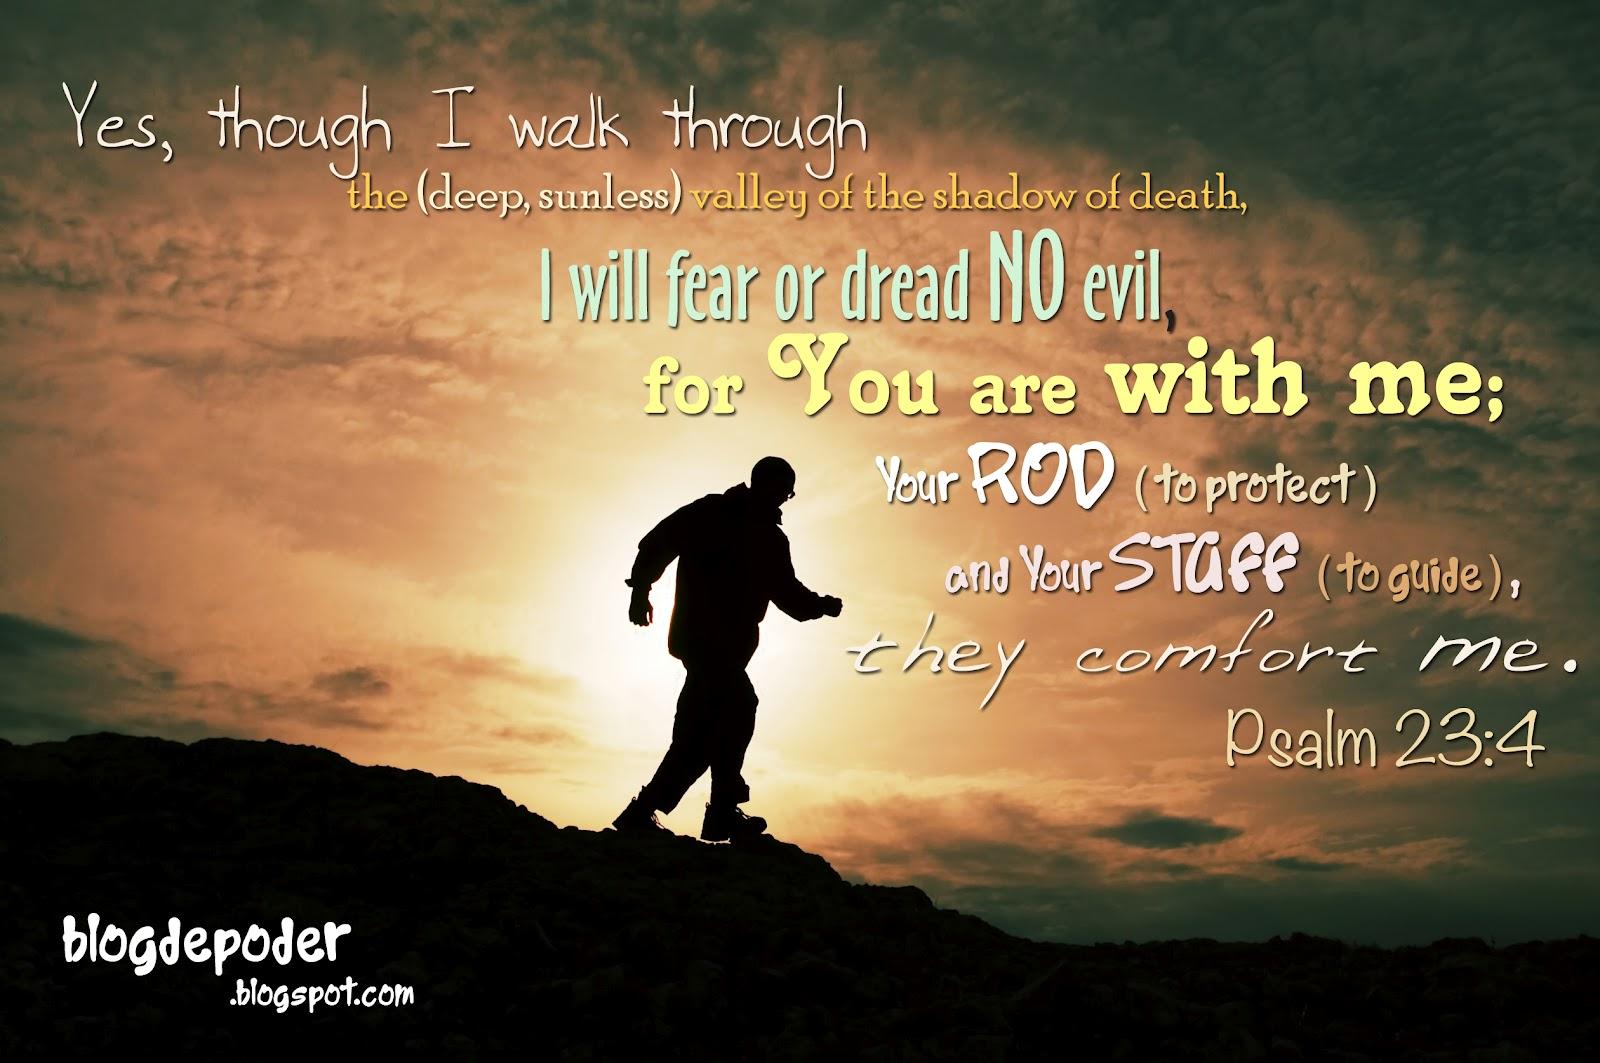 Amado BLOG DE PODER: Salmo 23:4 GZ24